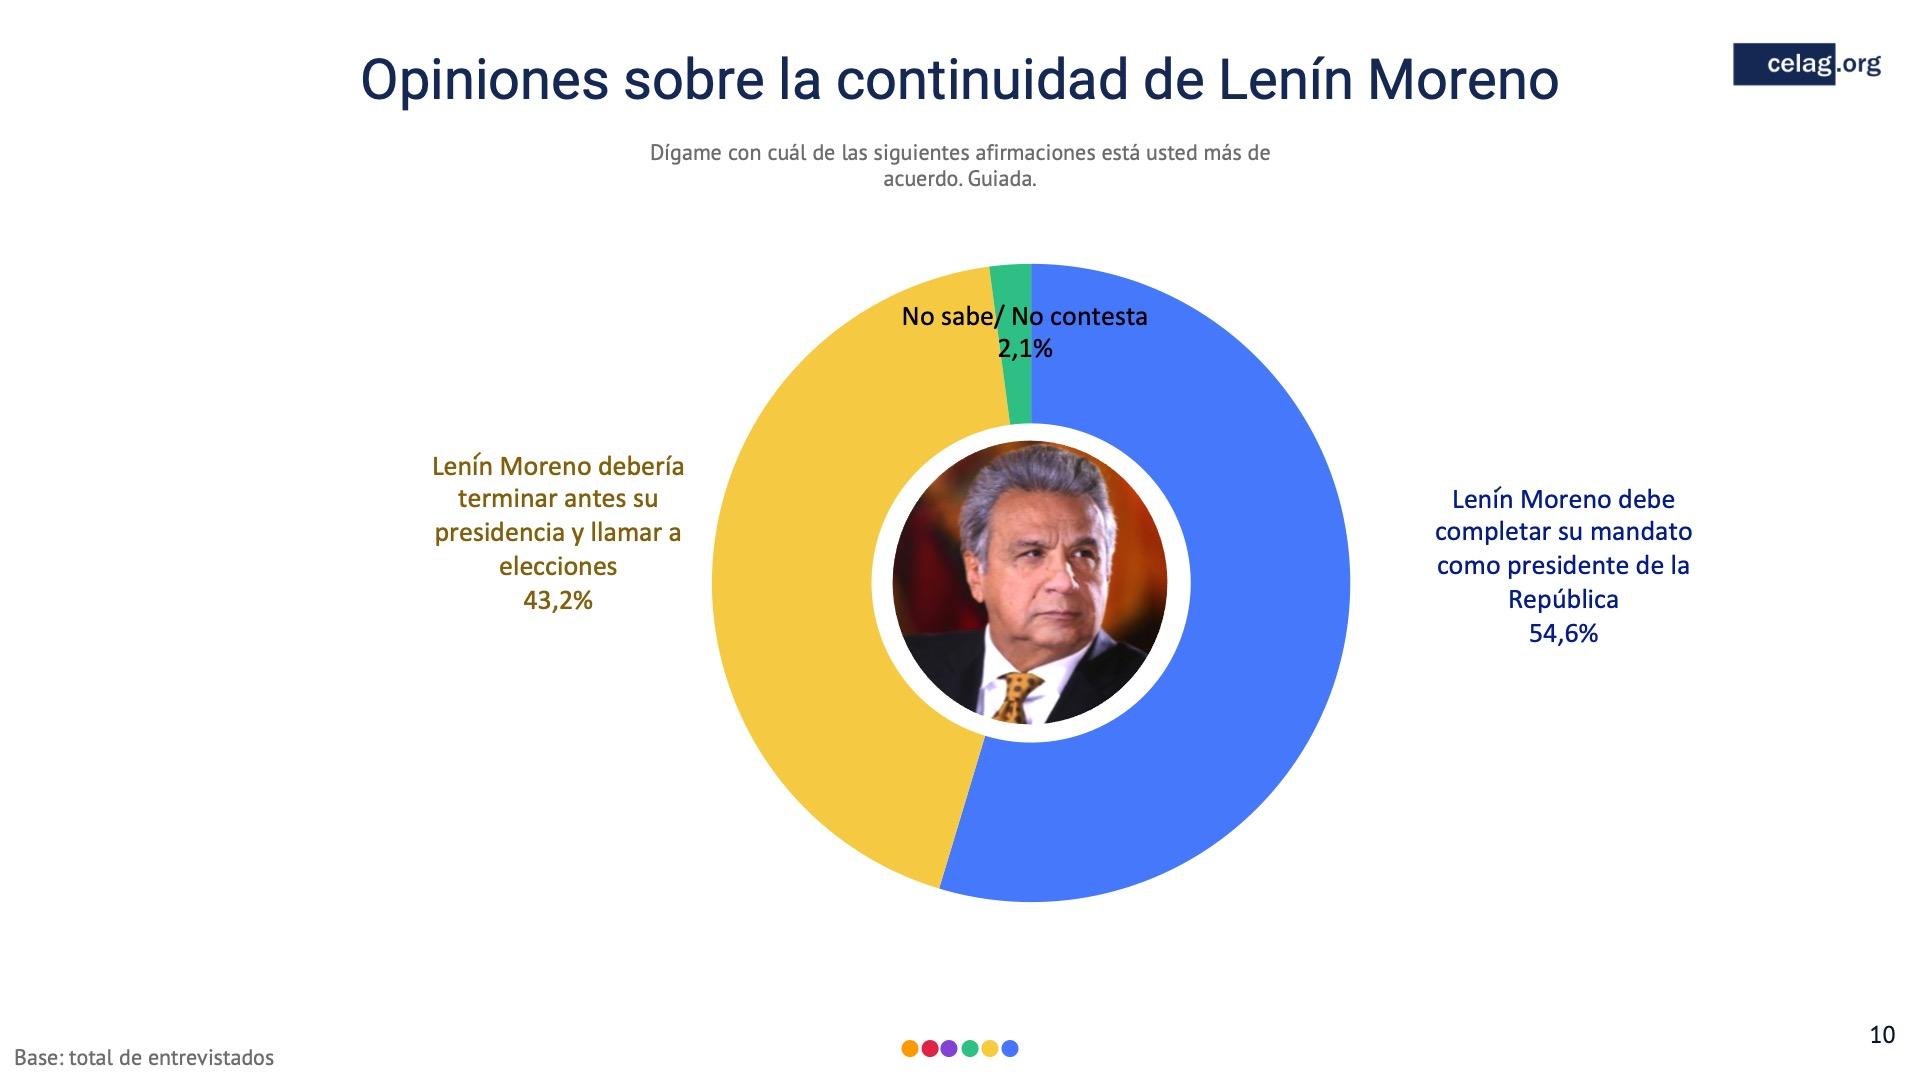 10 Opiniones de la continuidad de lenin moreno ecuador